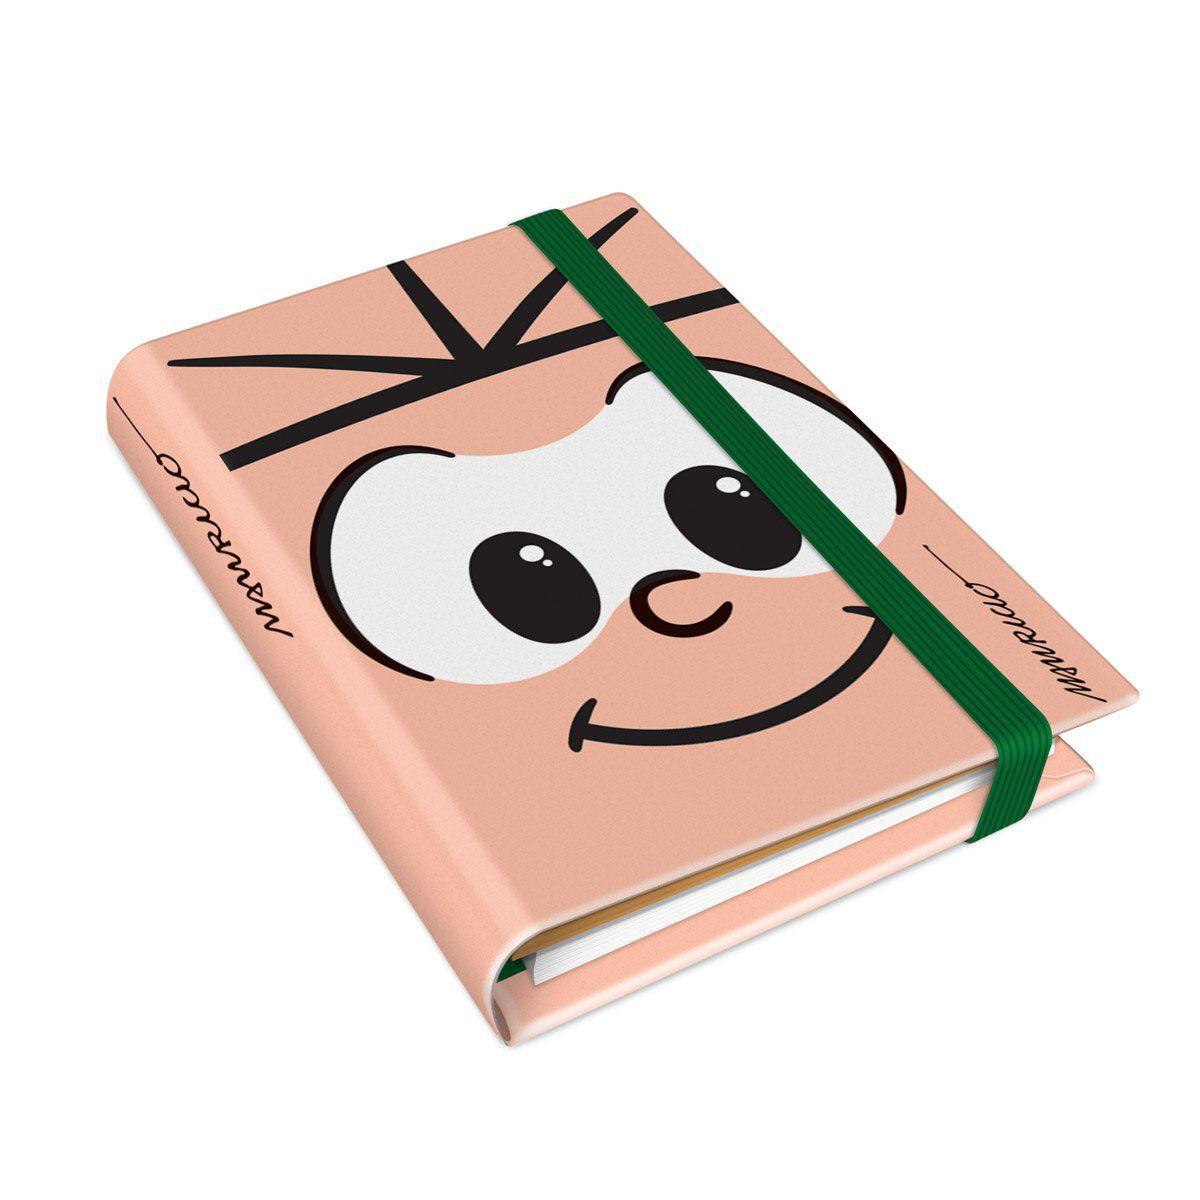 Porta Cartão Turma da Mônica - Olhões Cebolinha